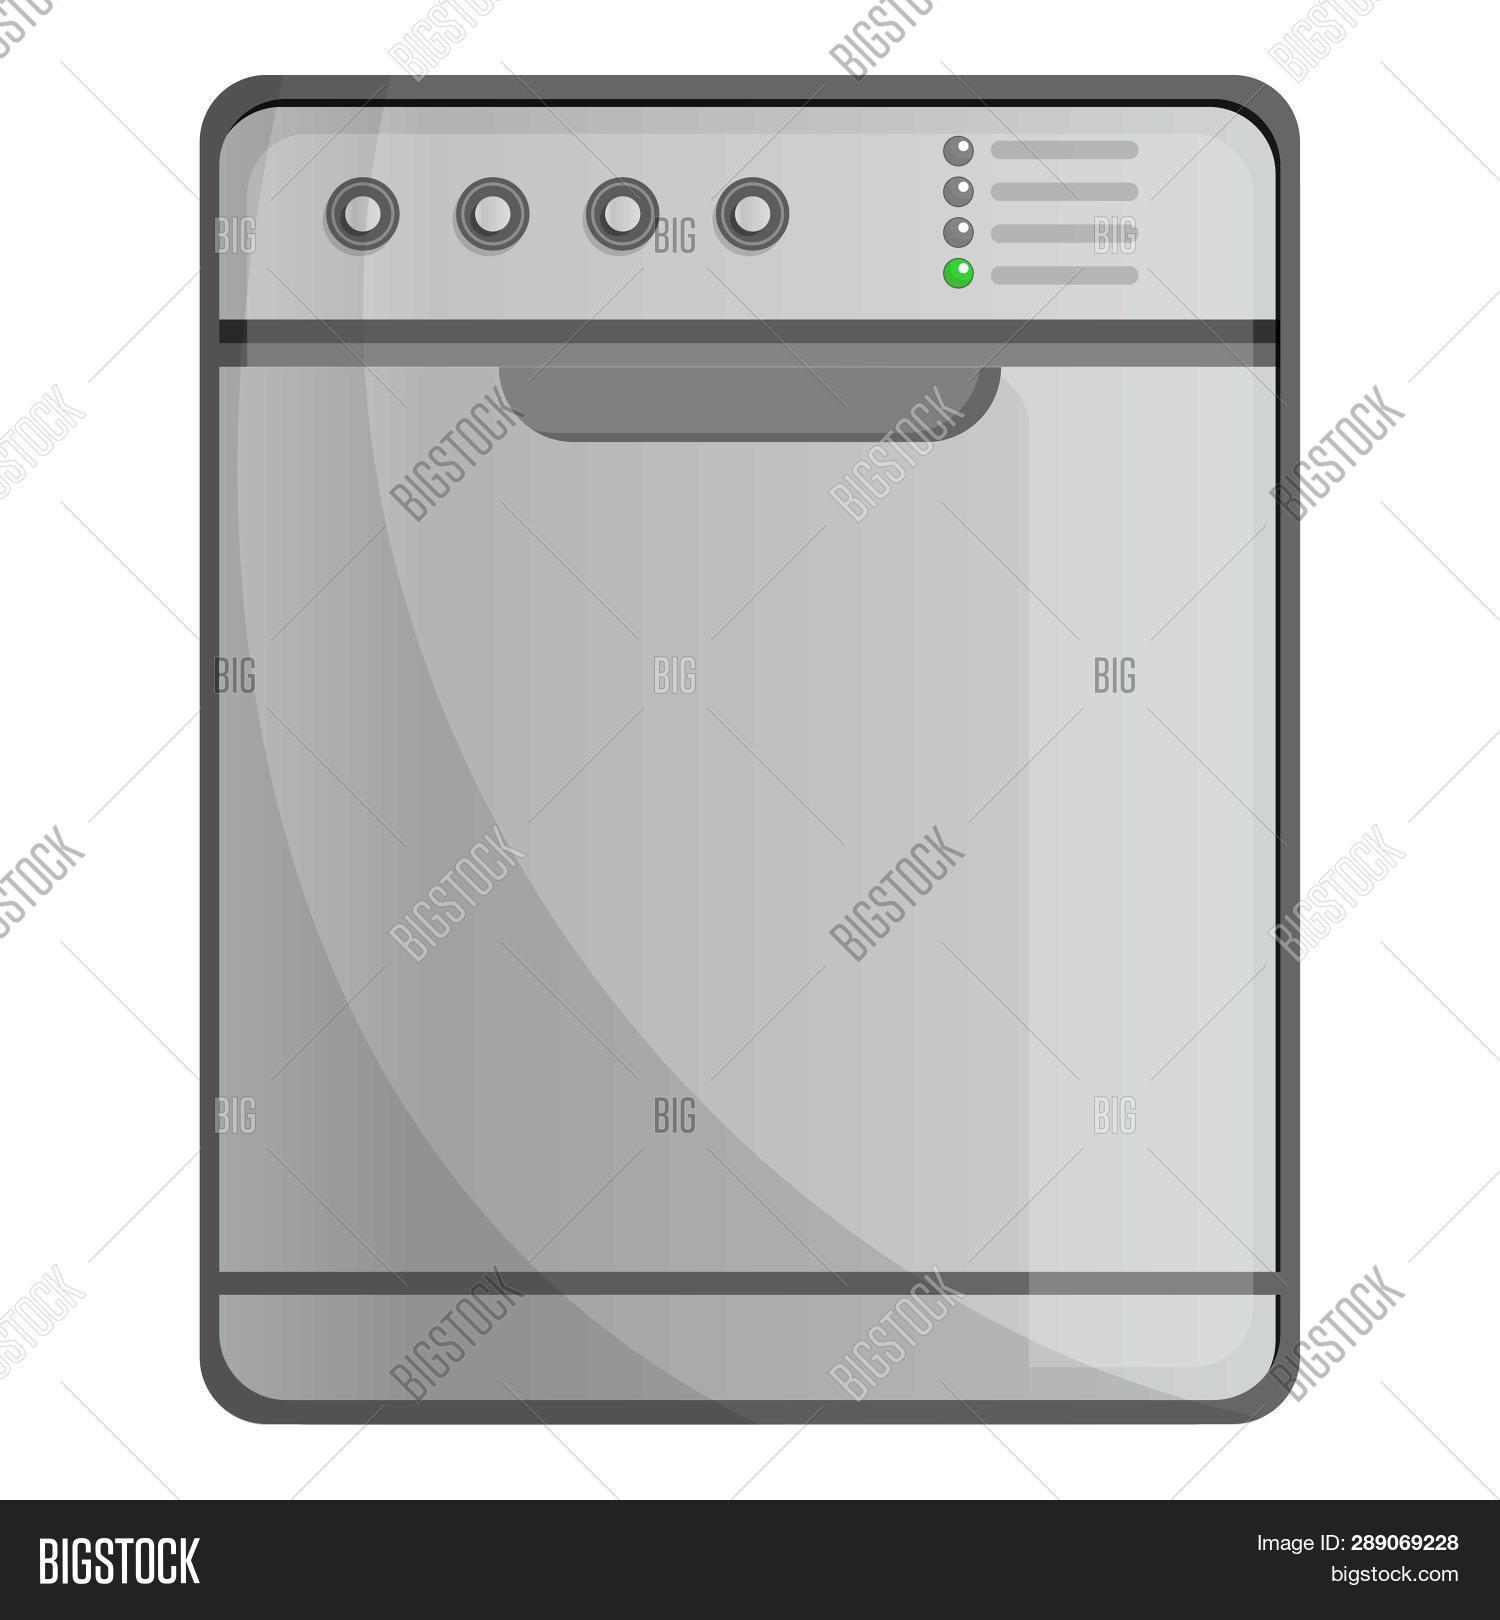 closed dishwasher icon image